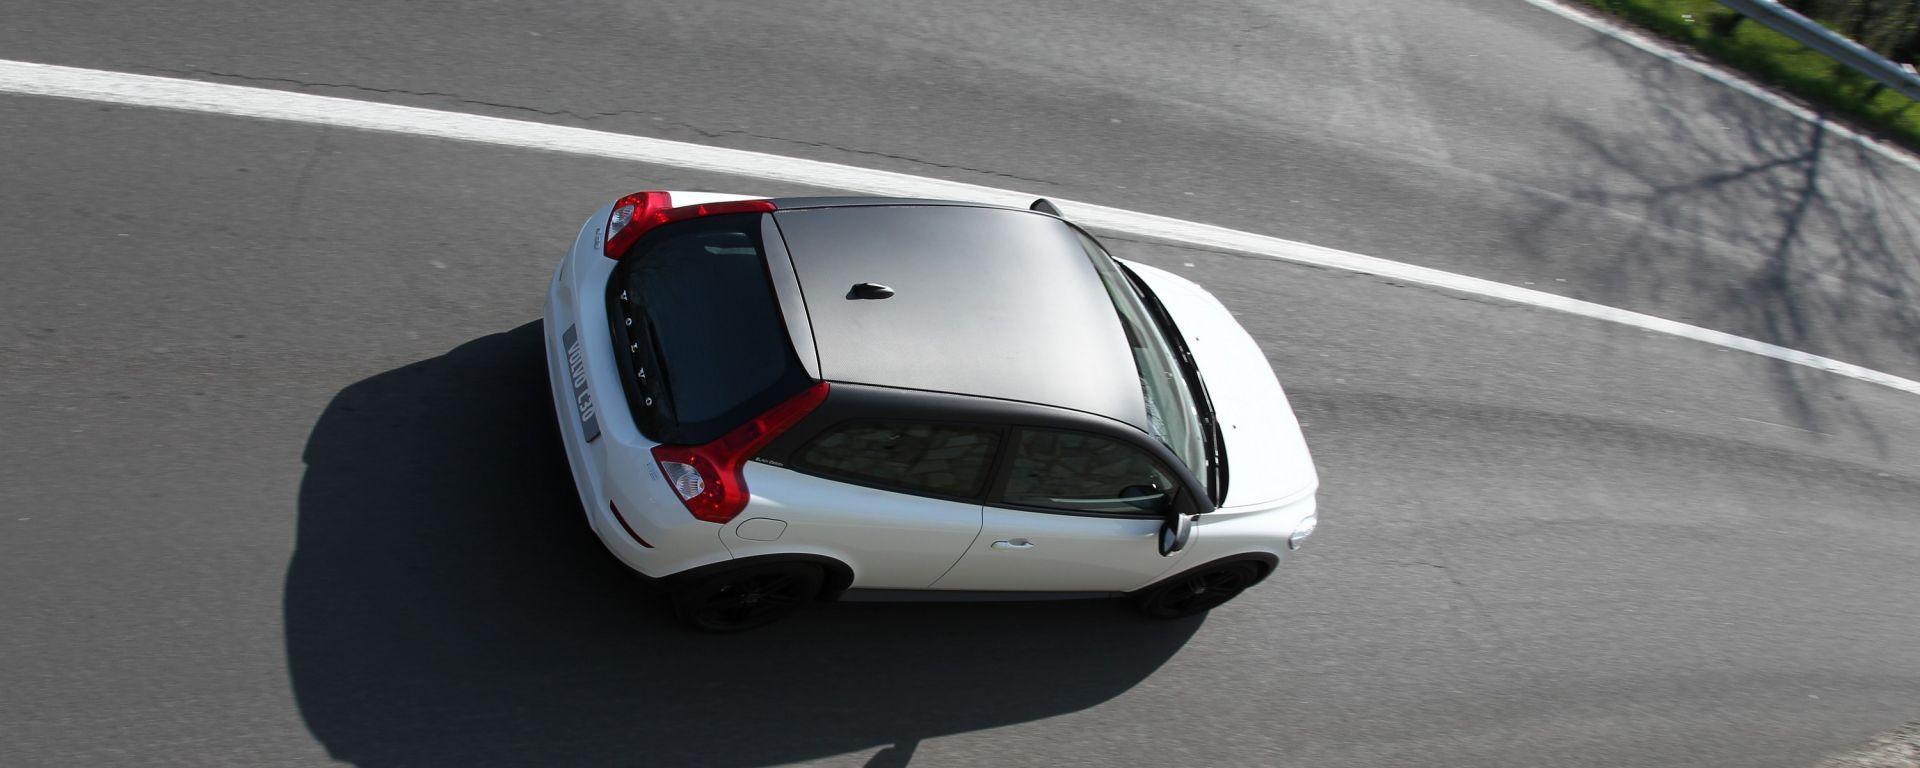 Volvo C30 Black Design